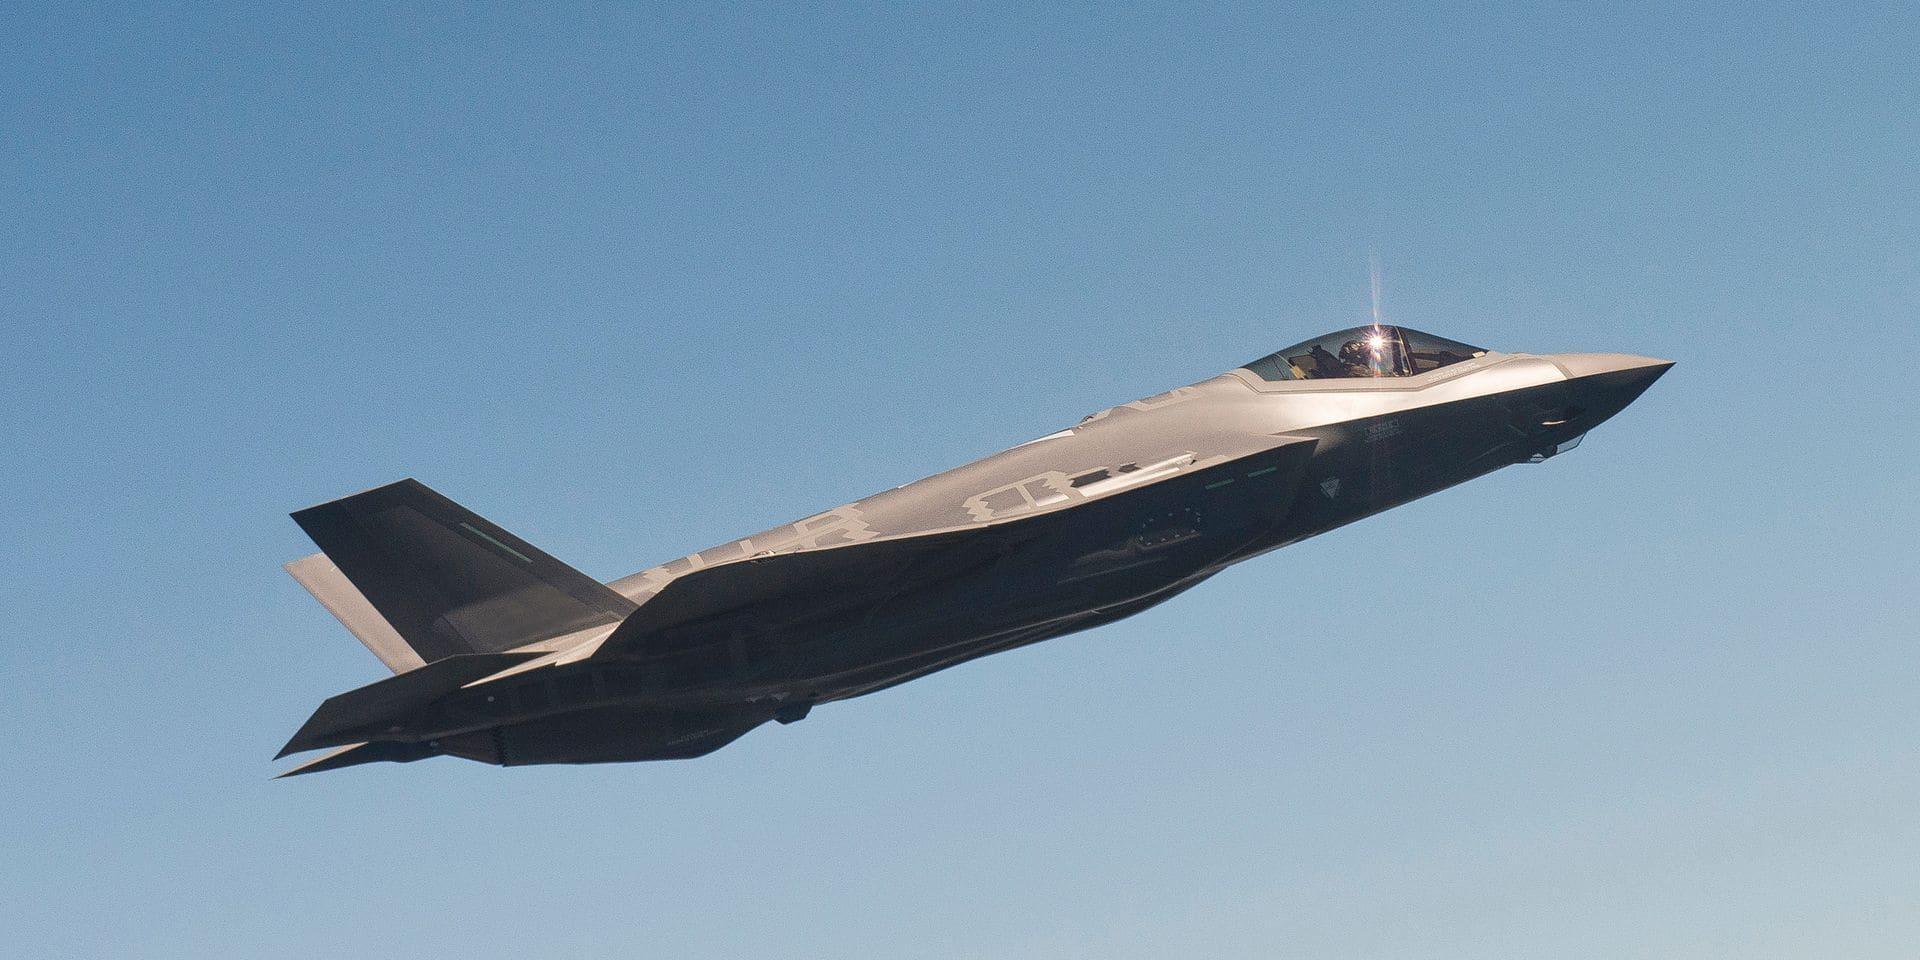 Le F-35 Lightning II : La prochaine génération de la force aérienne européenne